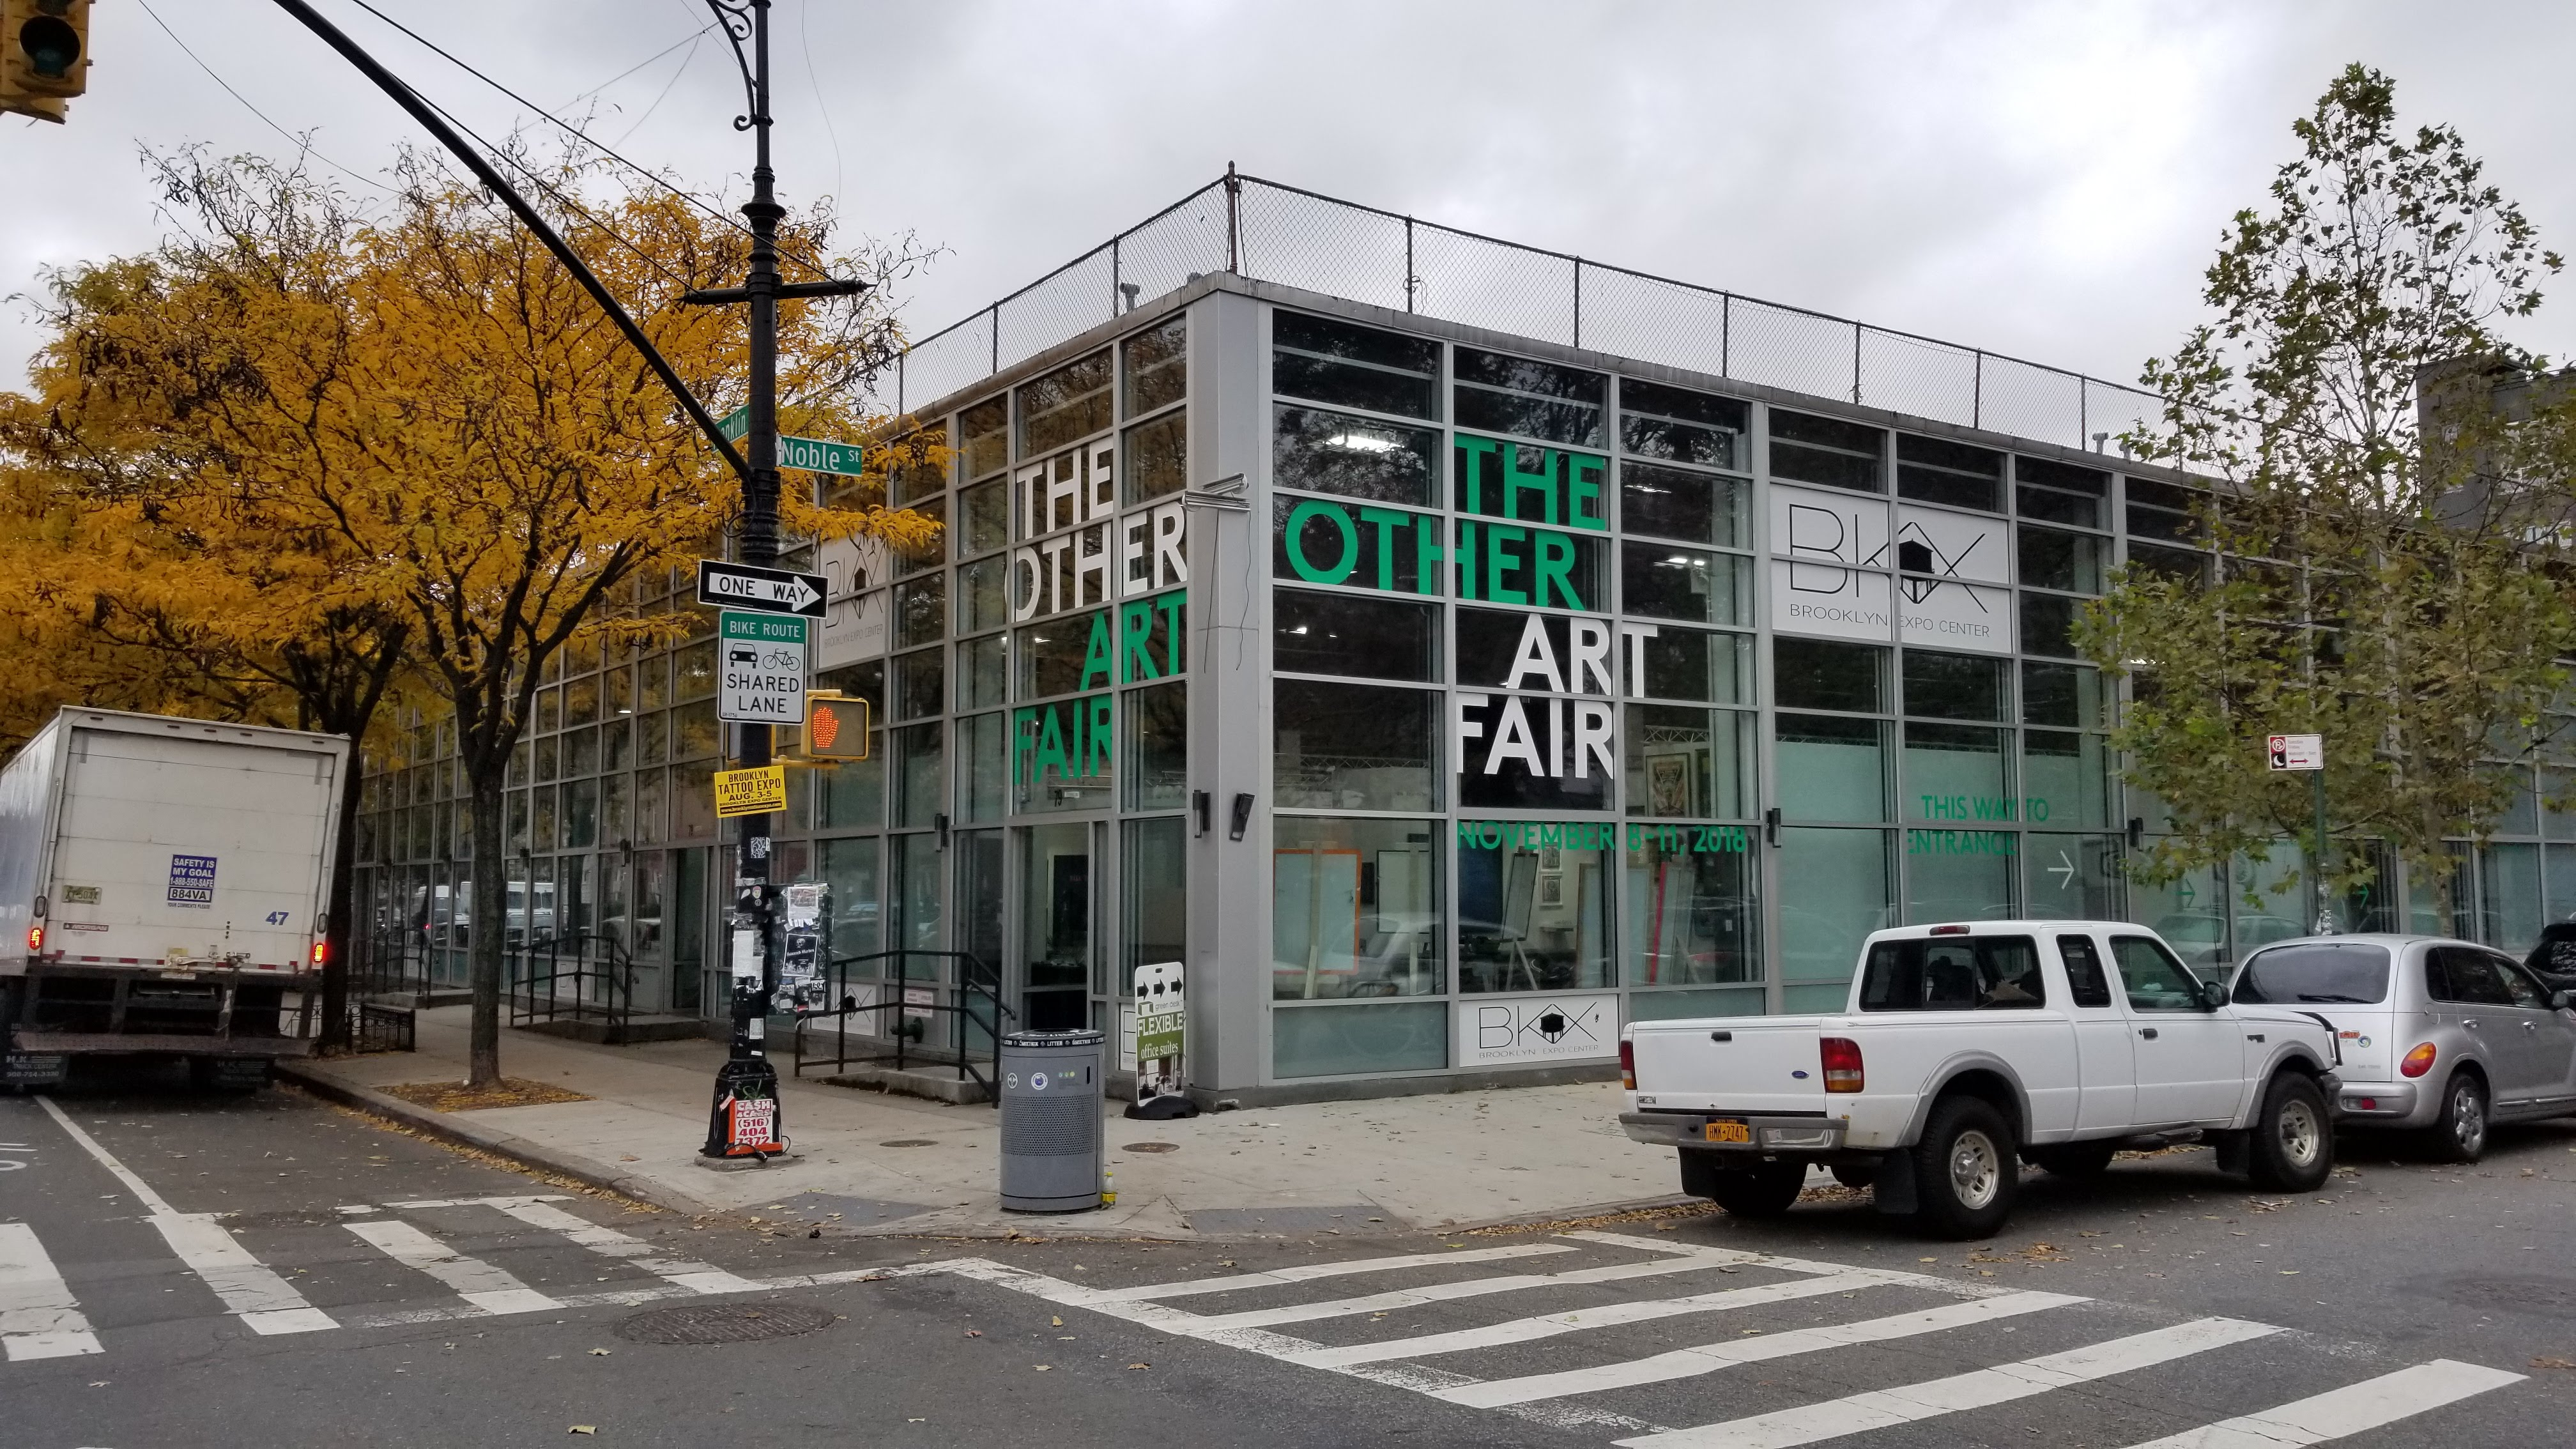 The Other Art Fair Brooklyn Expo Center